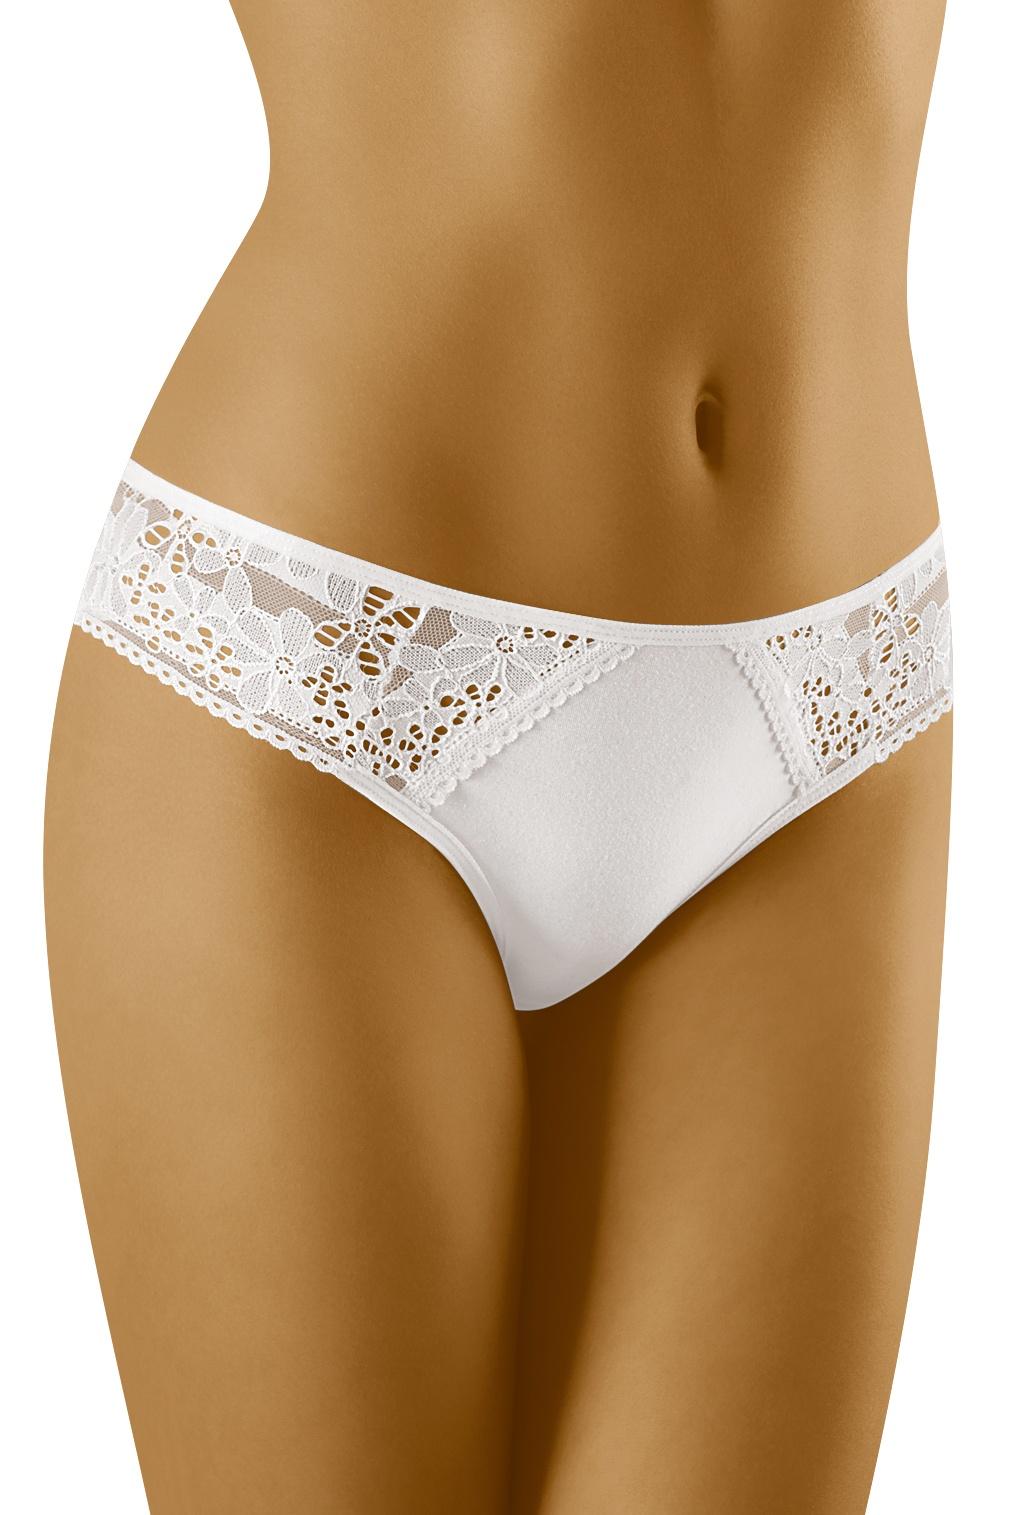 Dámské kalhotky ECO-TU bílé - bílá